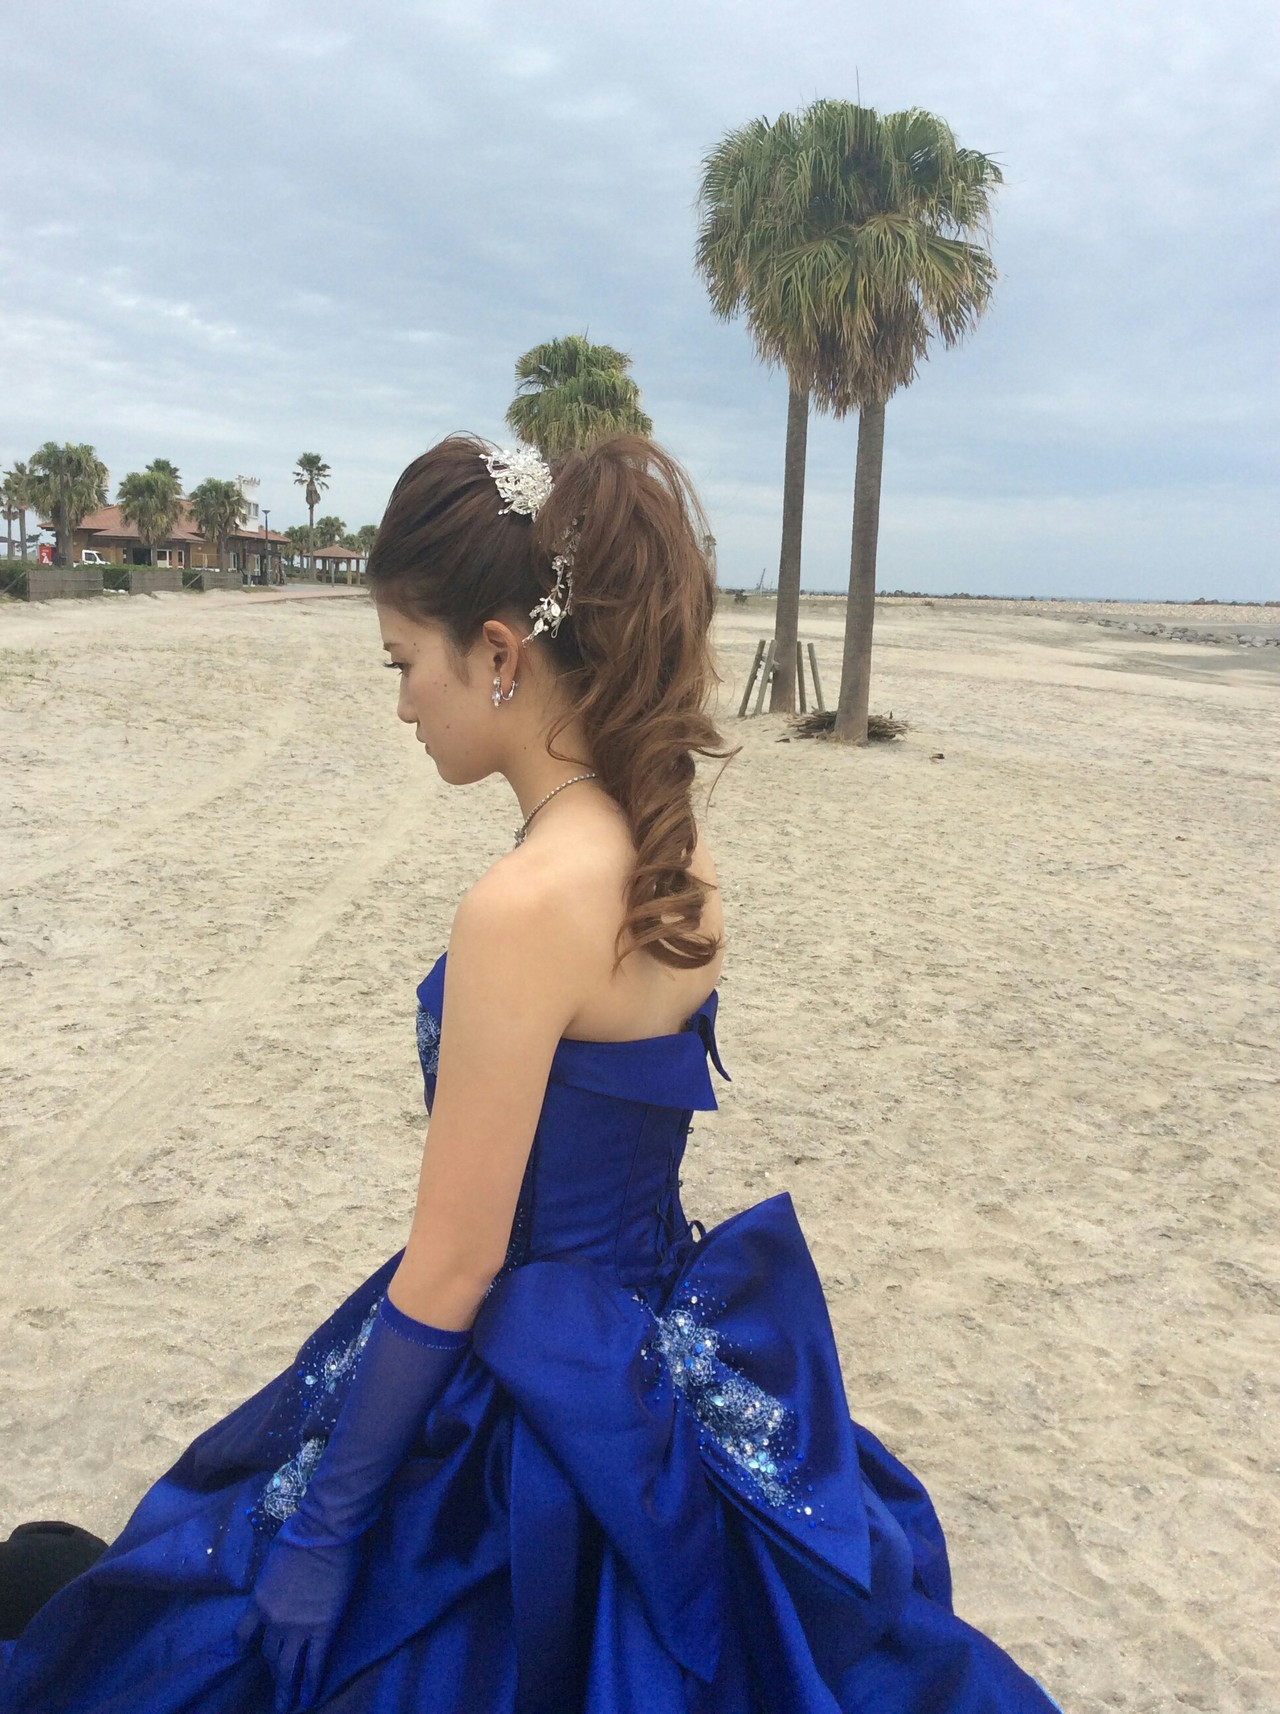 ナチュラル ヘアアレンジ ポニーテール ロング ヘアスタイルや髪型の写真・画像 | rumiLINKS美容室 / リンクス美容室